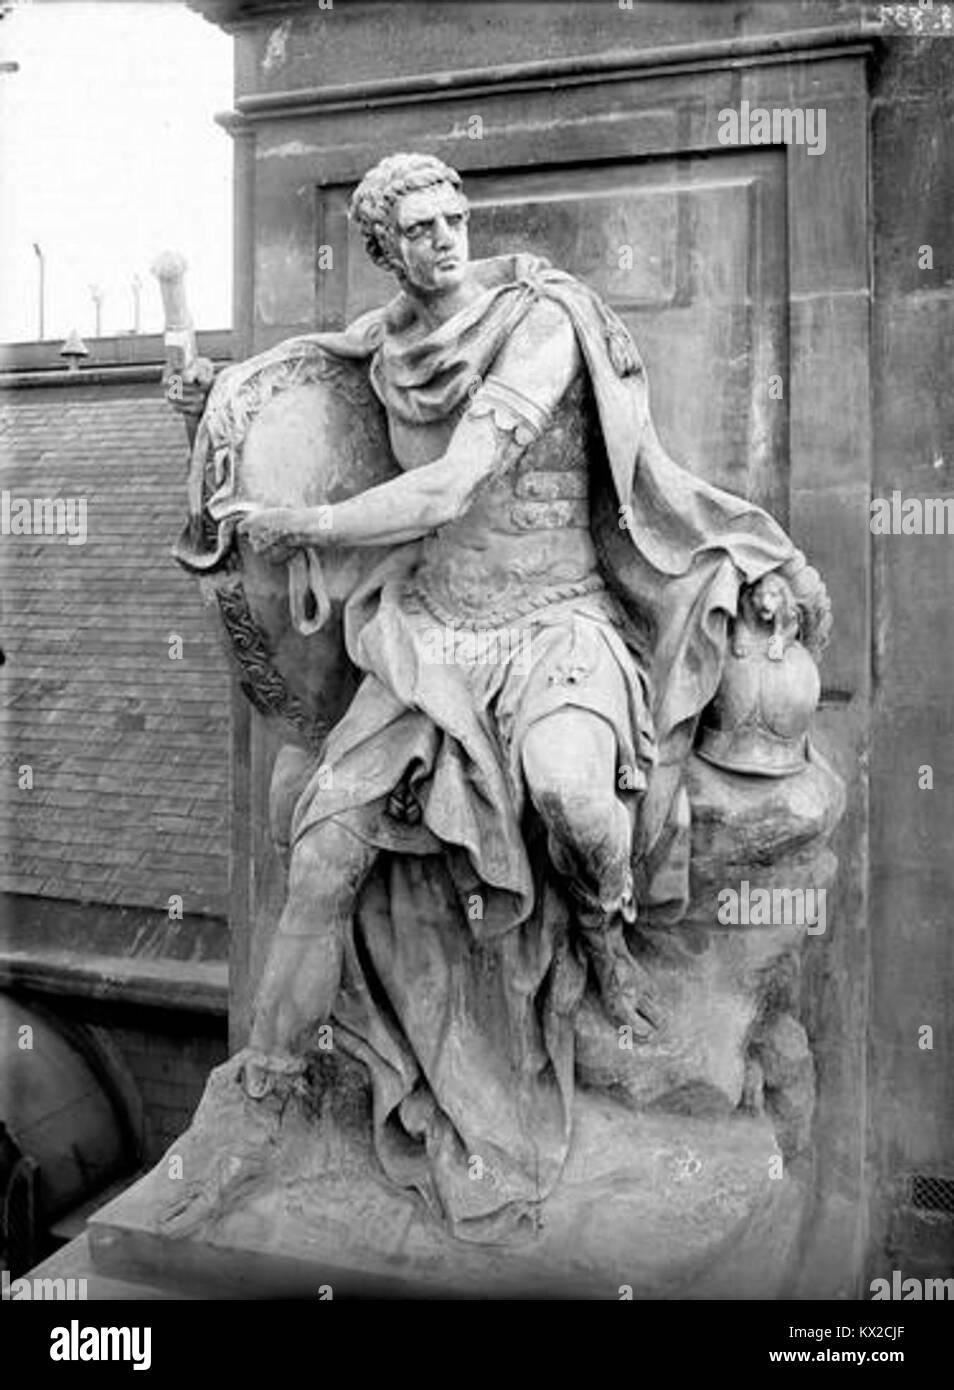 Domaine national du Palais-Royal - Cour d'honneur, façade nord, statue des talents militaires - Paris  - Stock Image